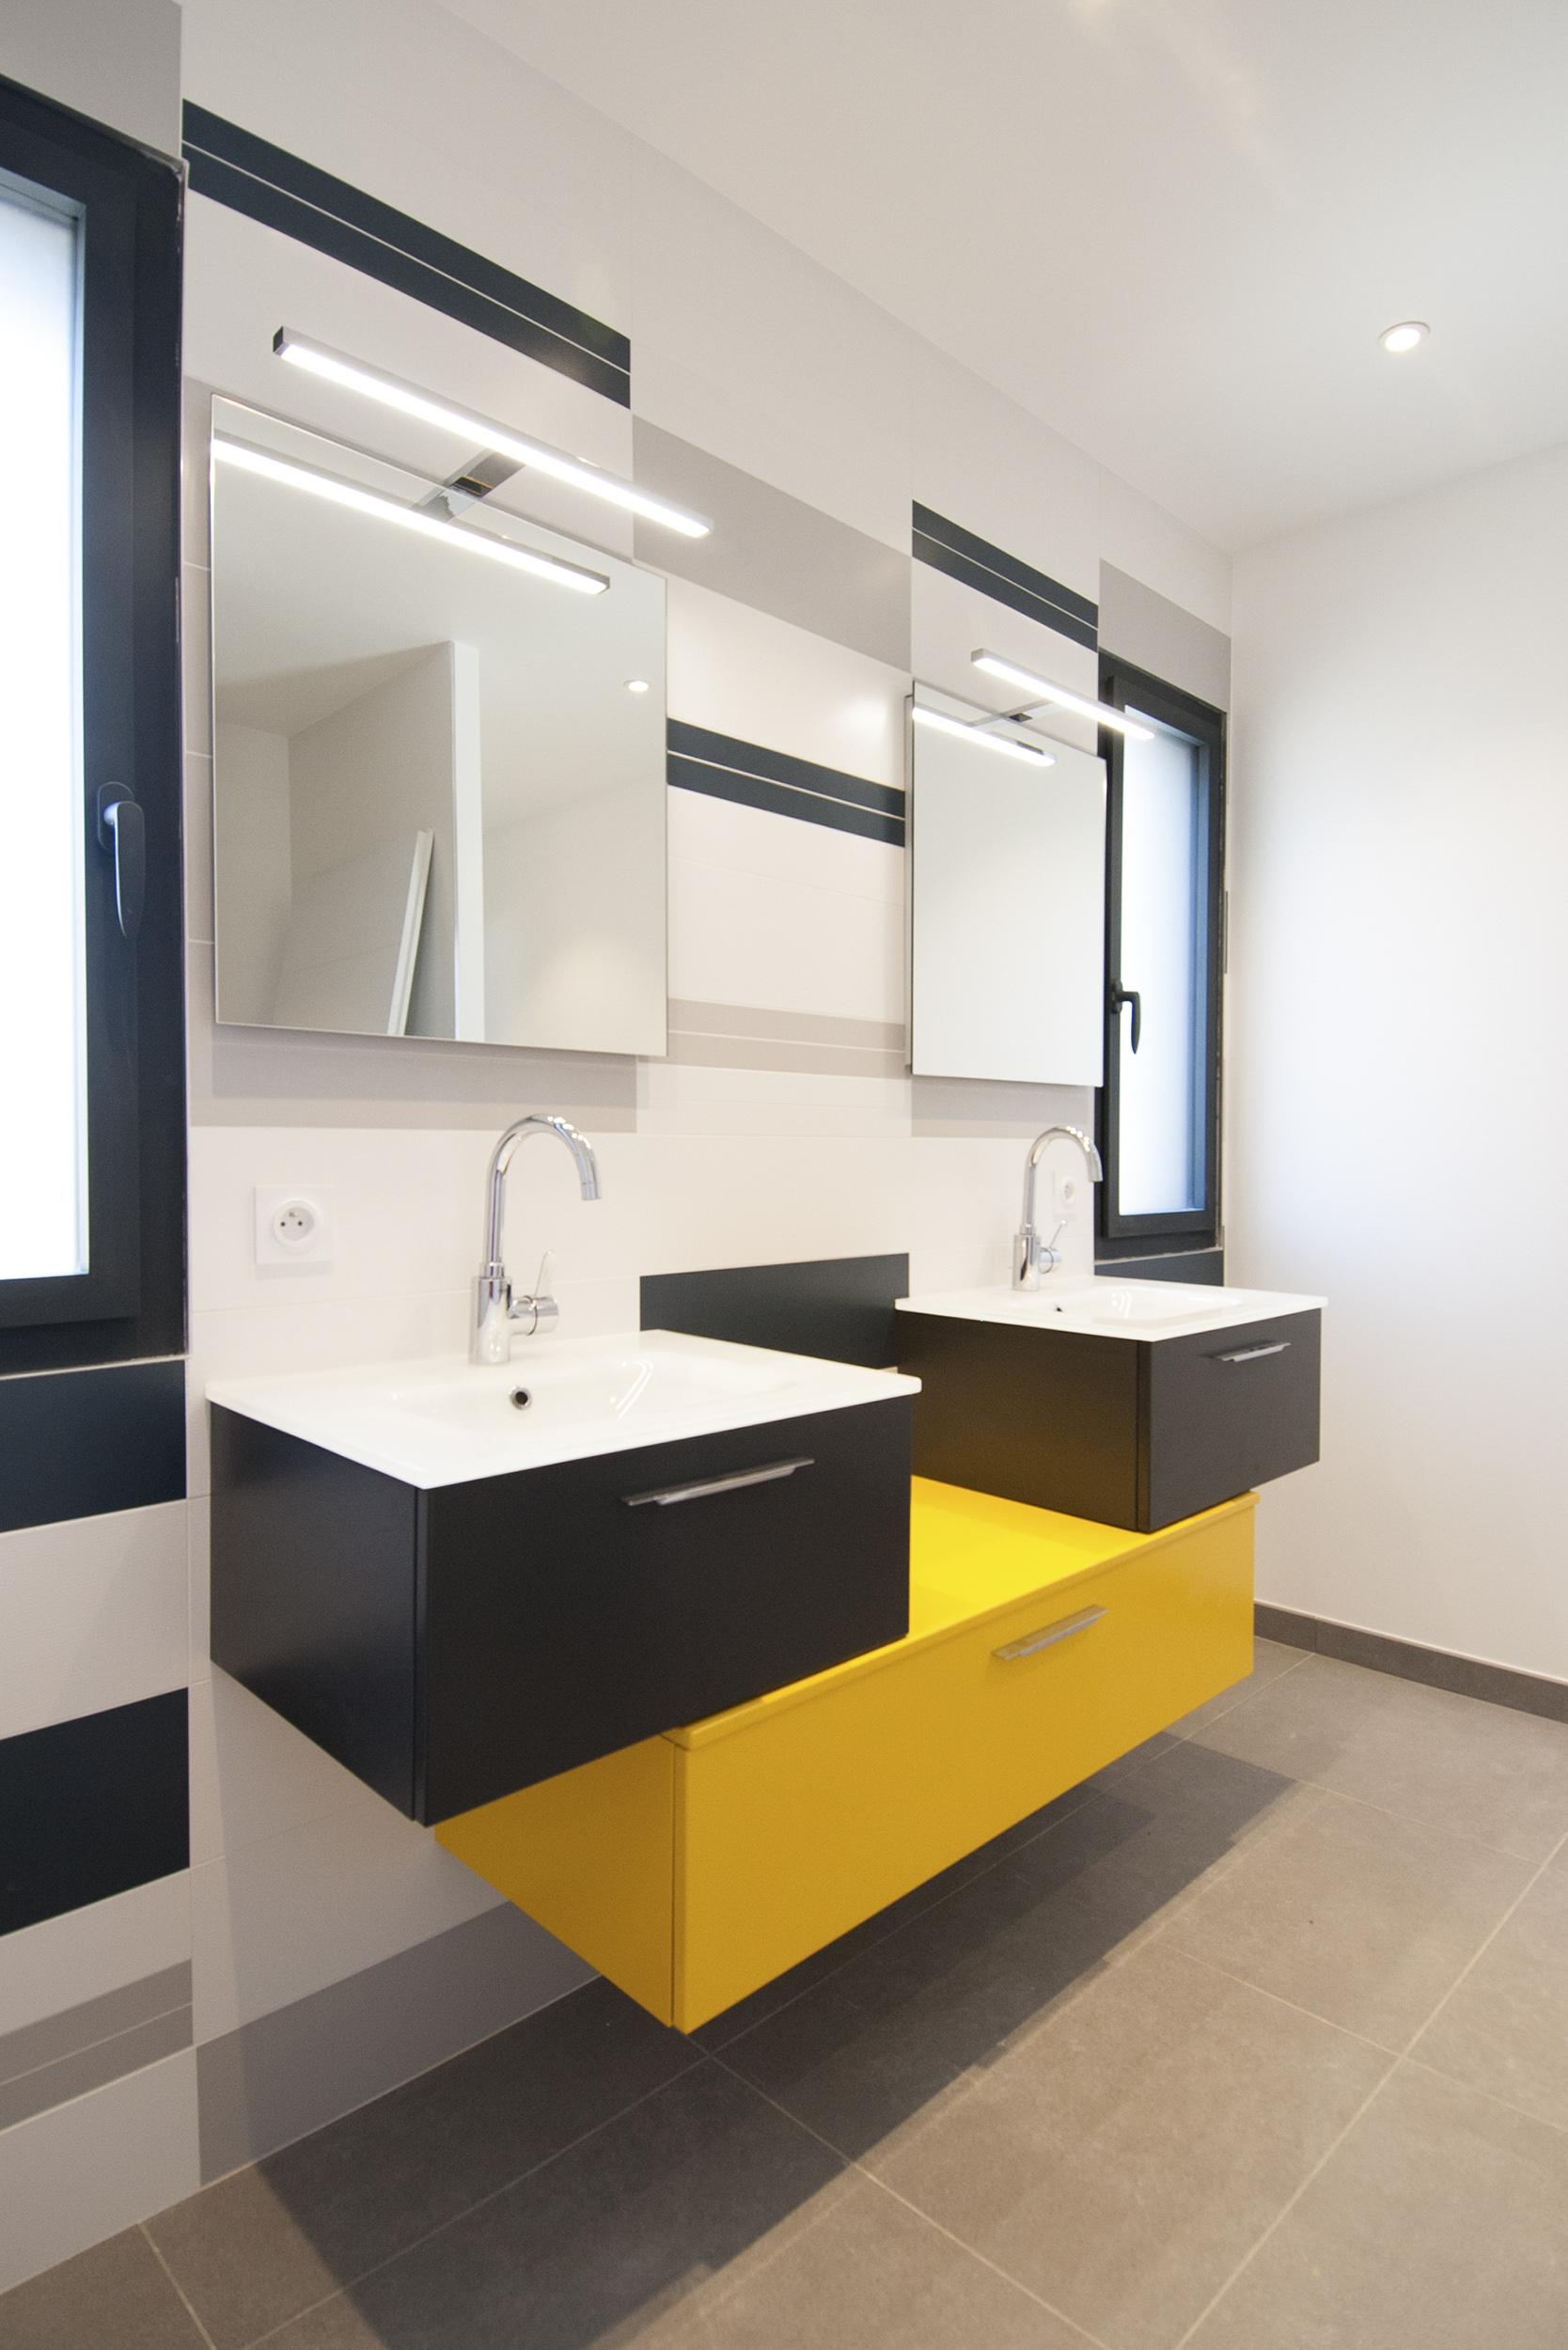 Chouette architecture - Villa Dijon - 2500 23